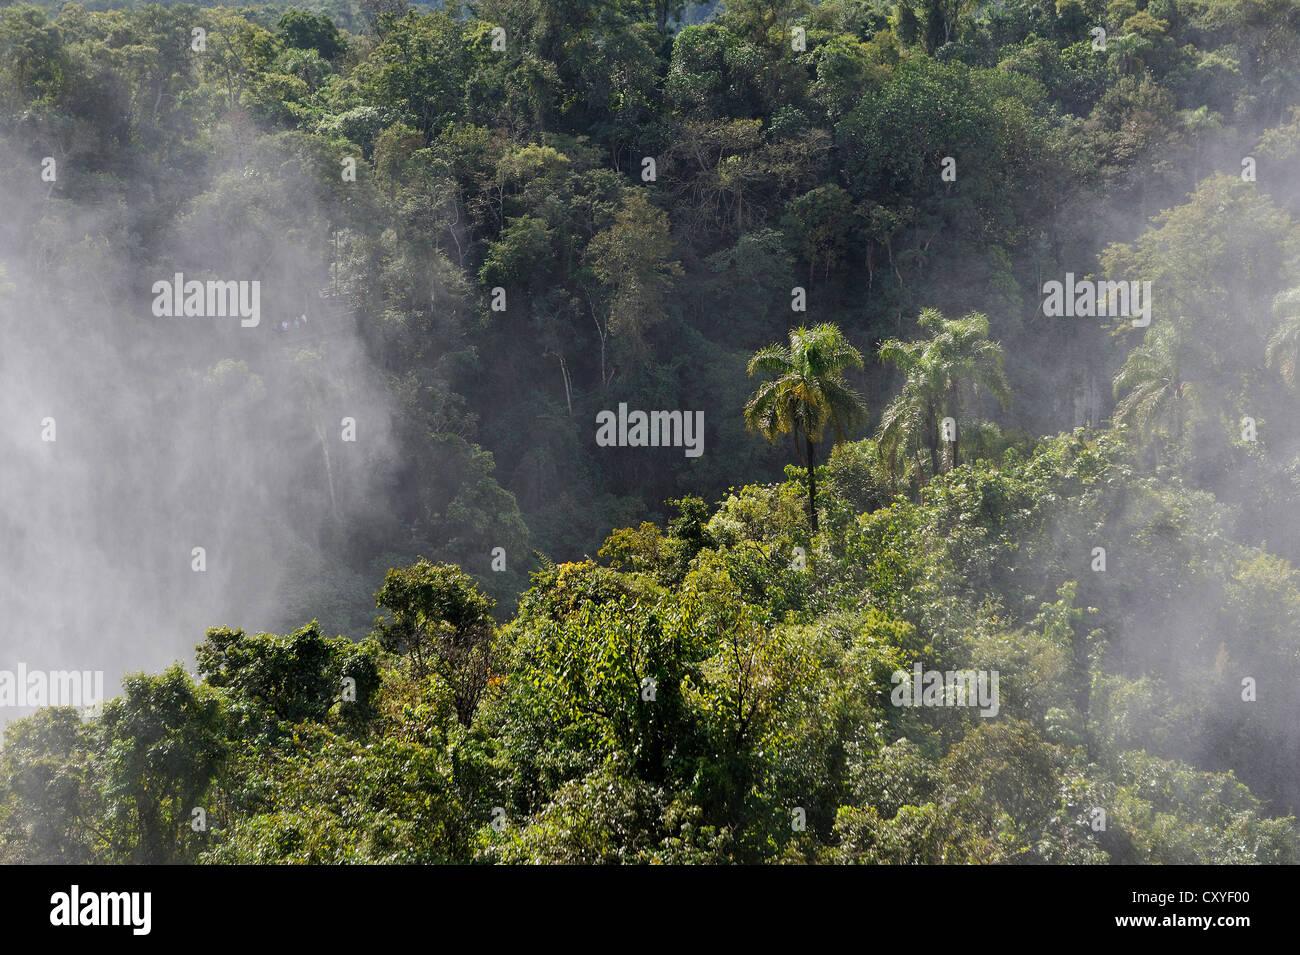 Spray cubriendo el bosque lluvioso, o Iguazú Iguazú Falls, Sitio del Patrimonio Mundial de la UNESCO, Imagen De Stock